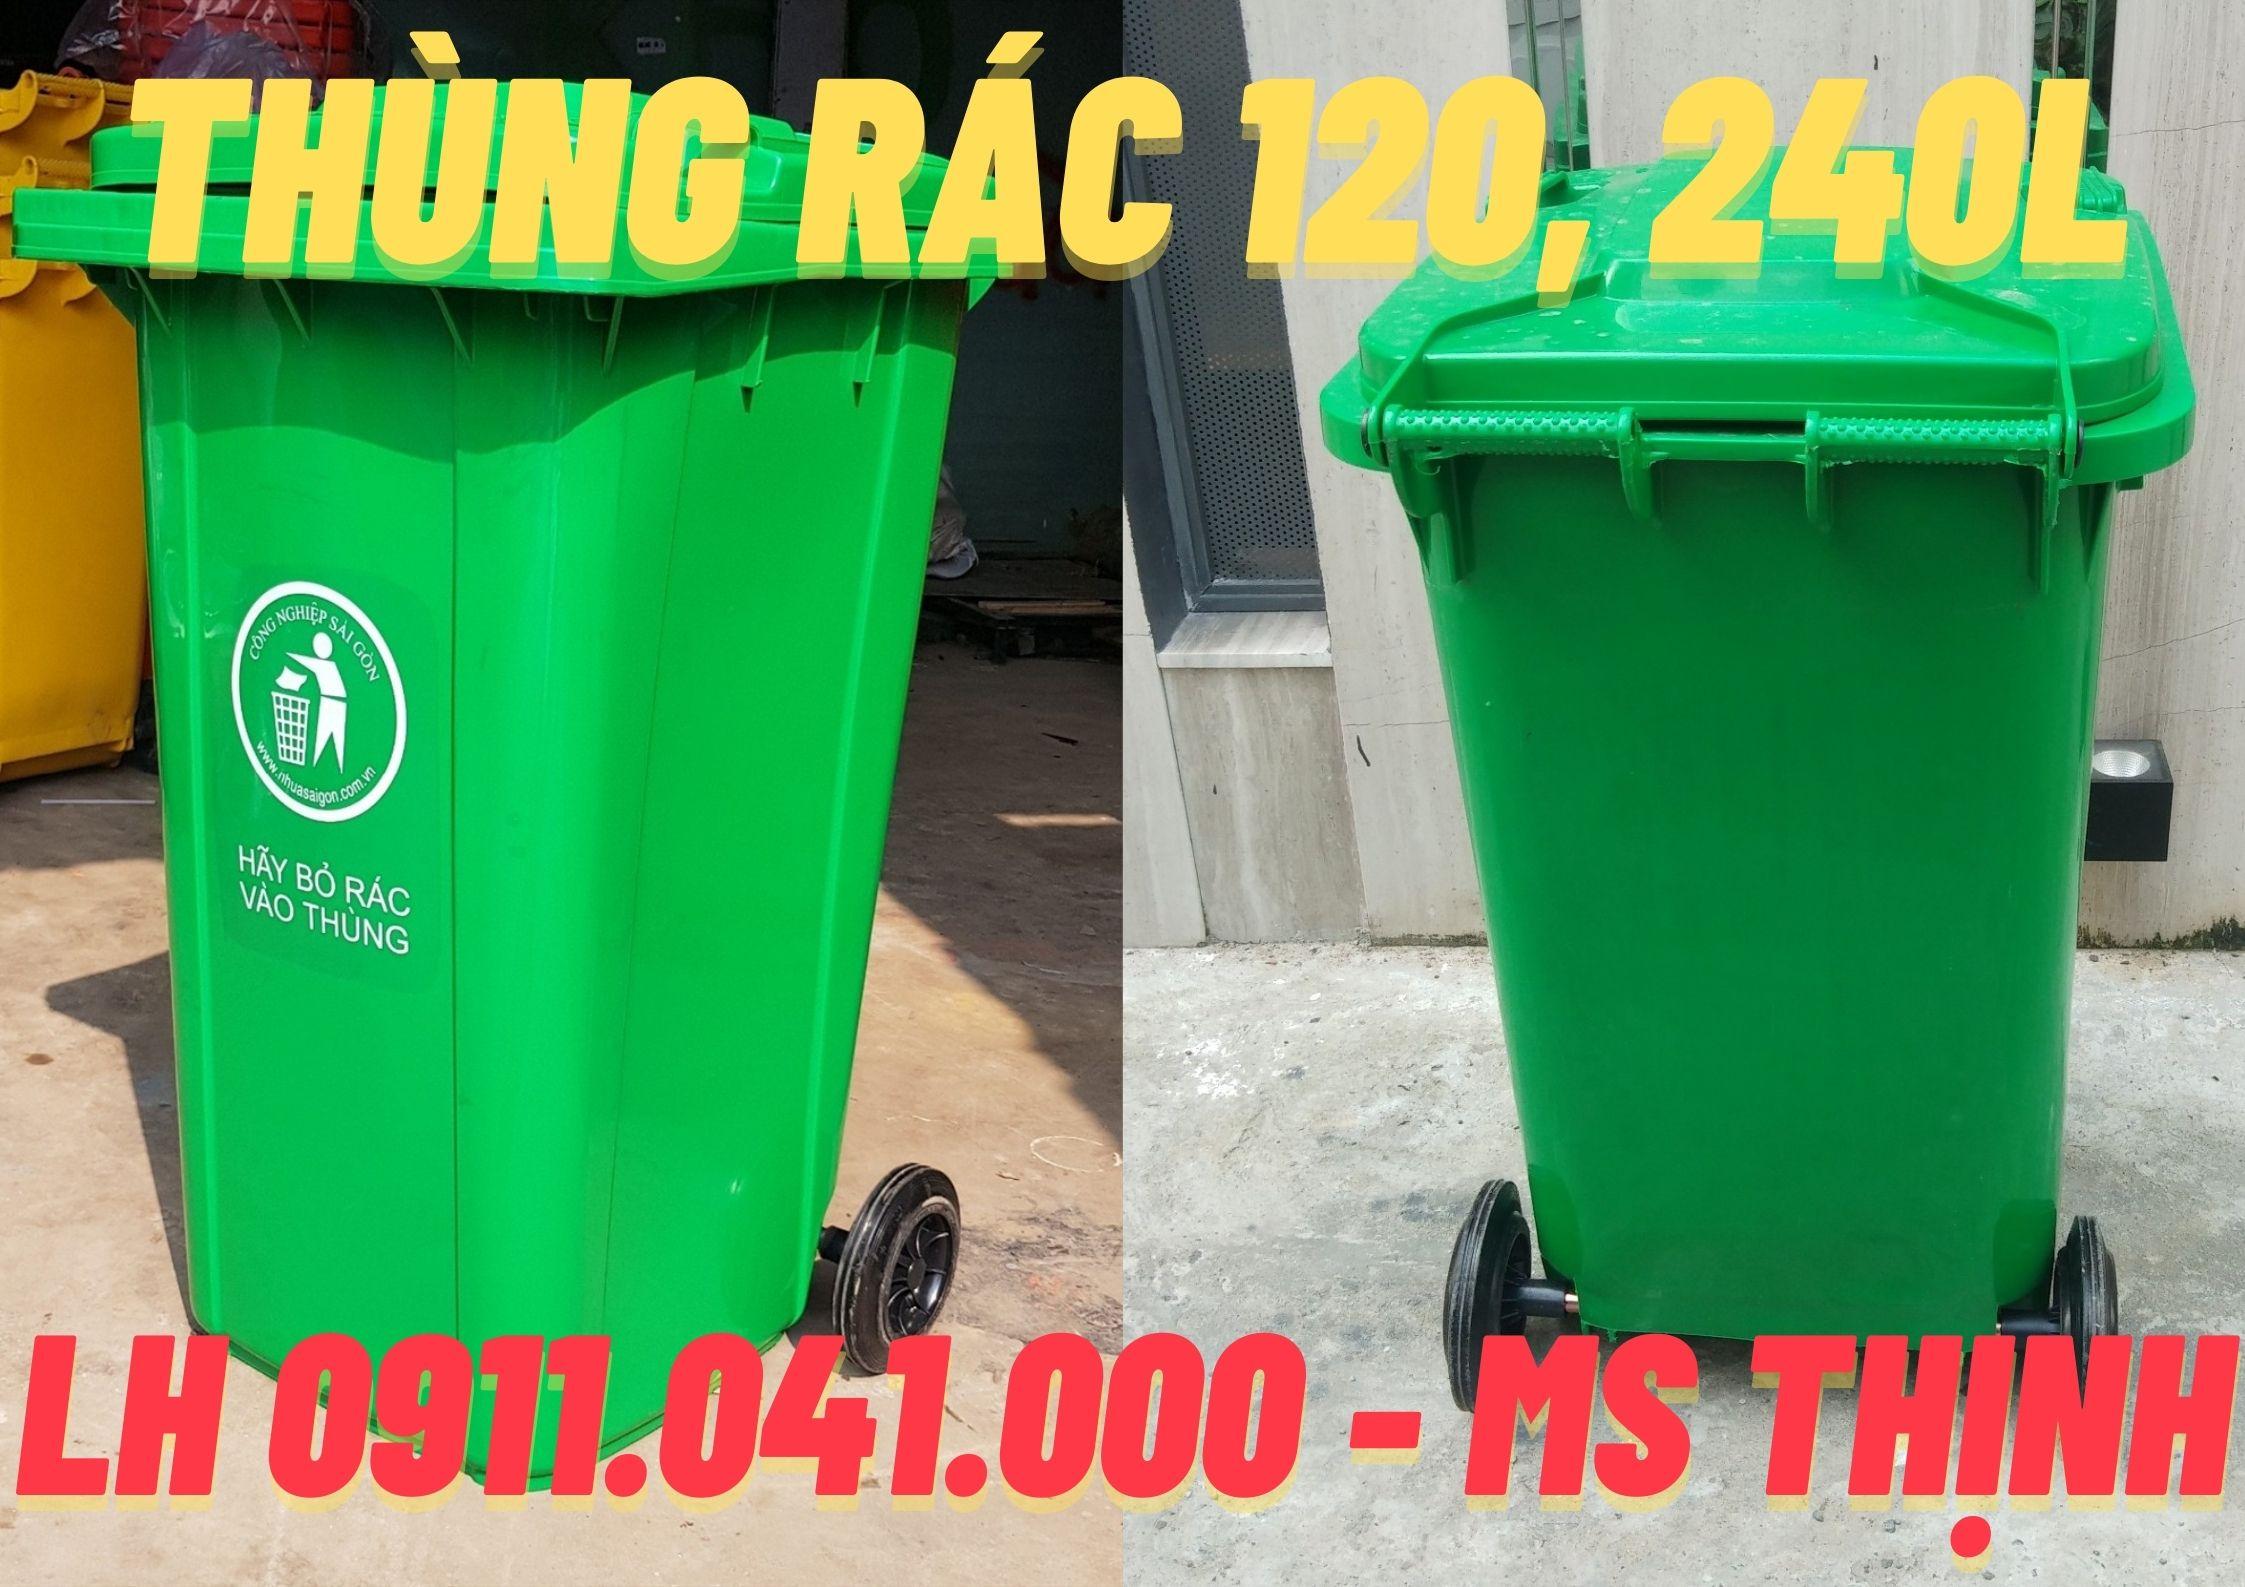 Thùng rác công cộng bỏ sỉ lẻ toàn quốc lh 0911.041.000